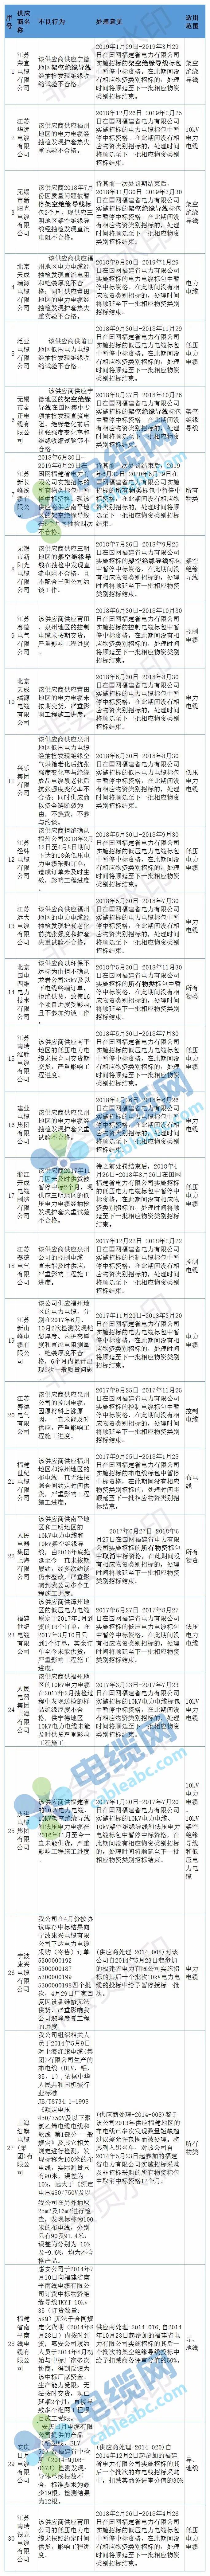 国网福建供应商黑名单:通报27家缆企 多家名